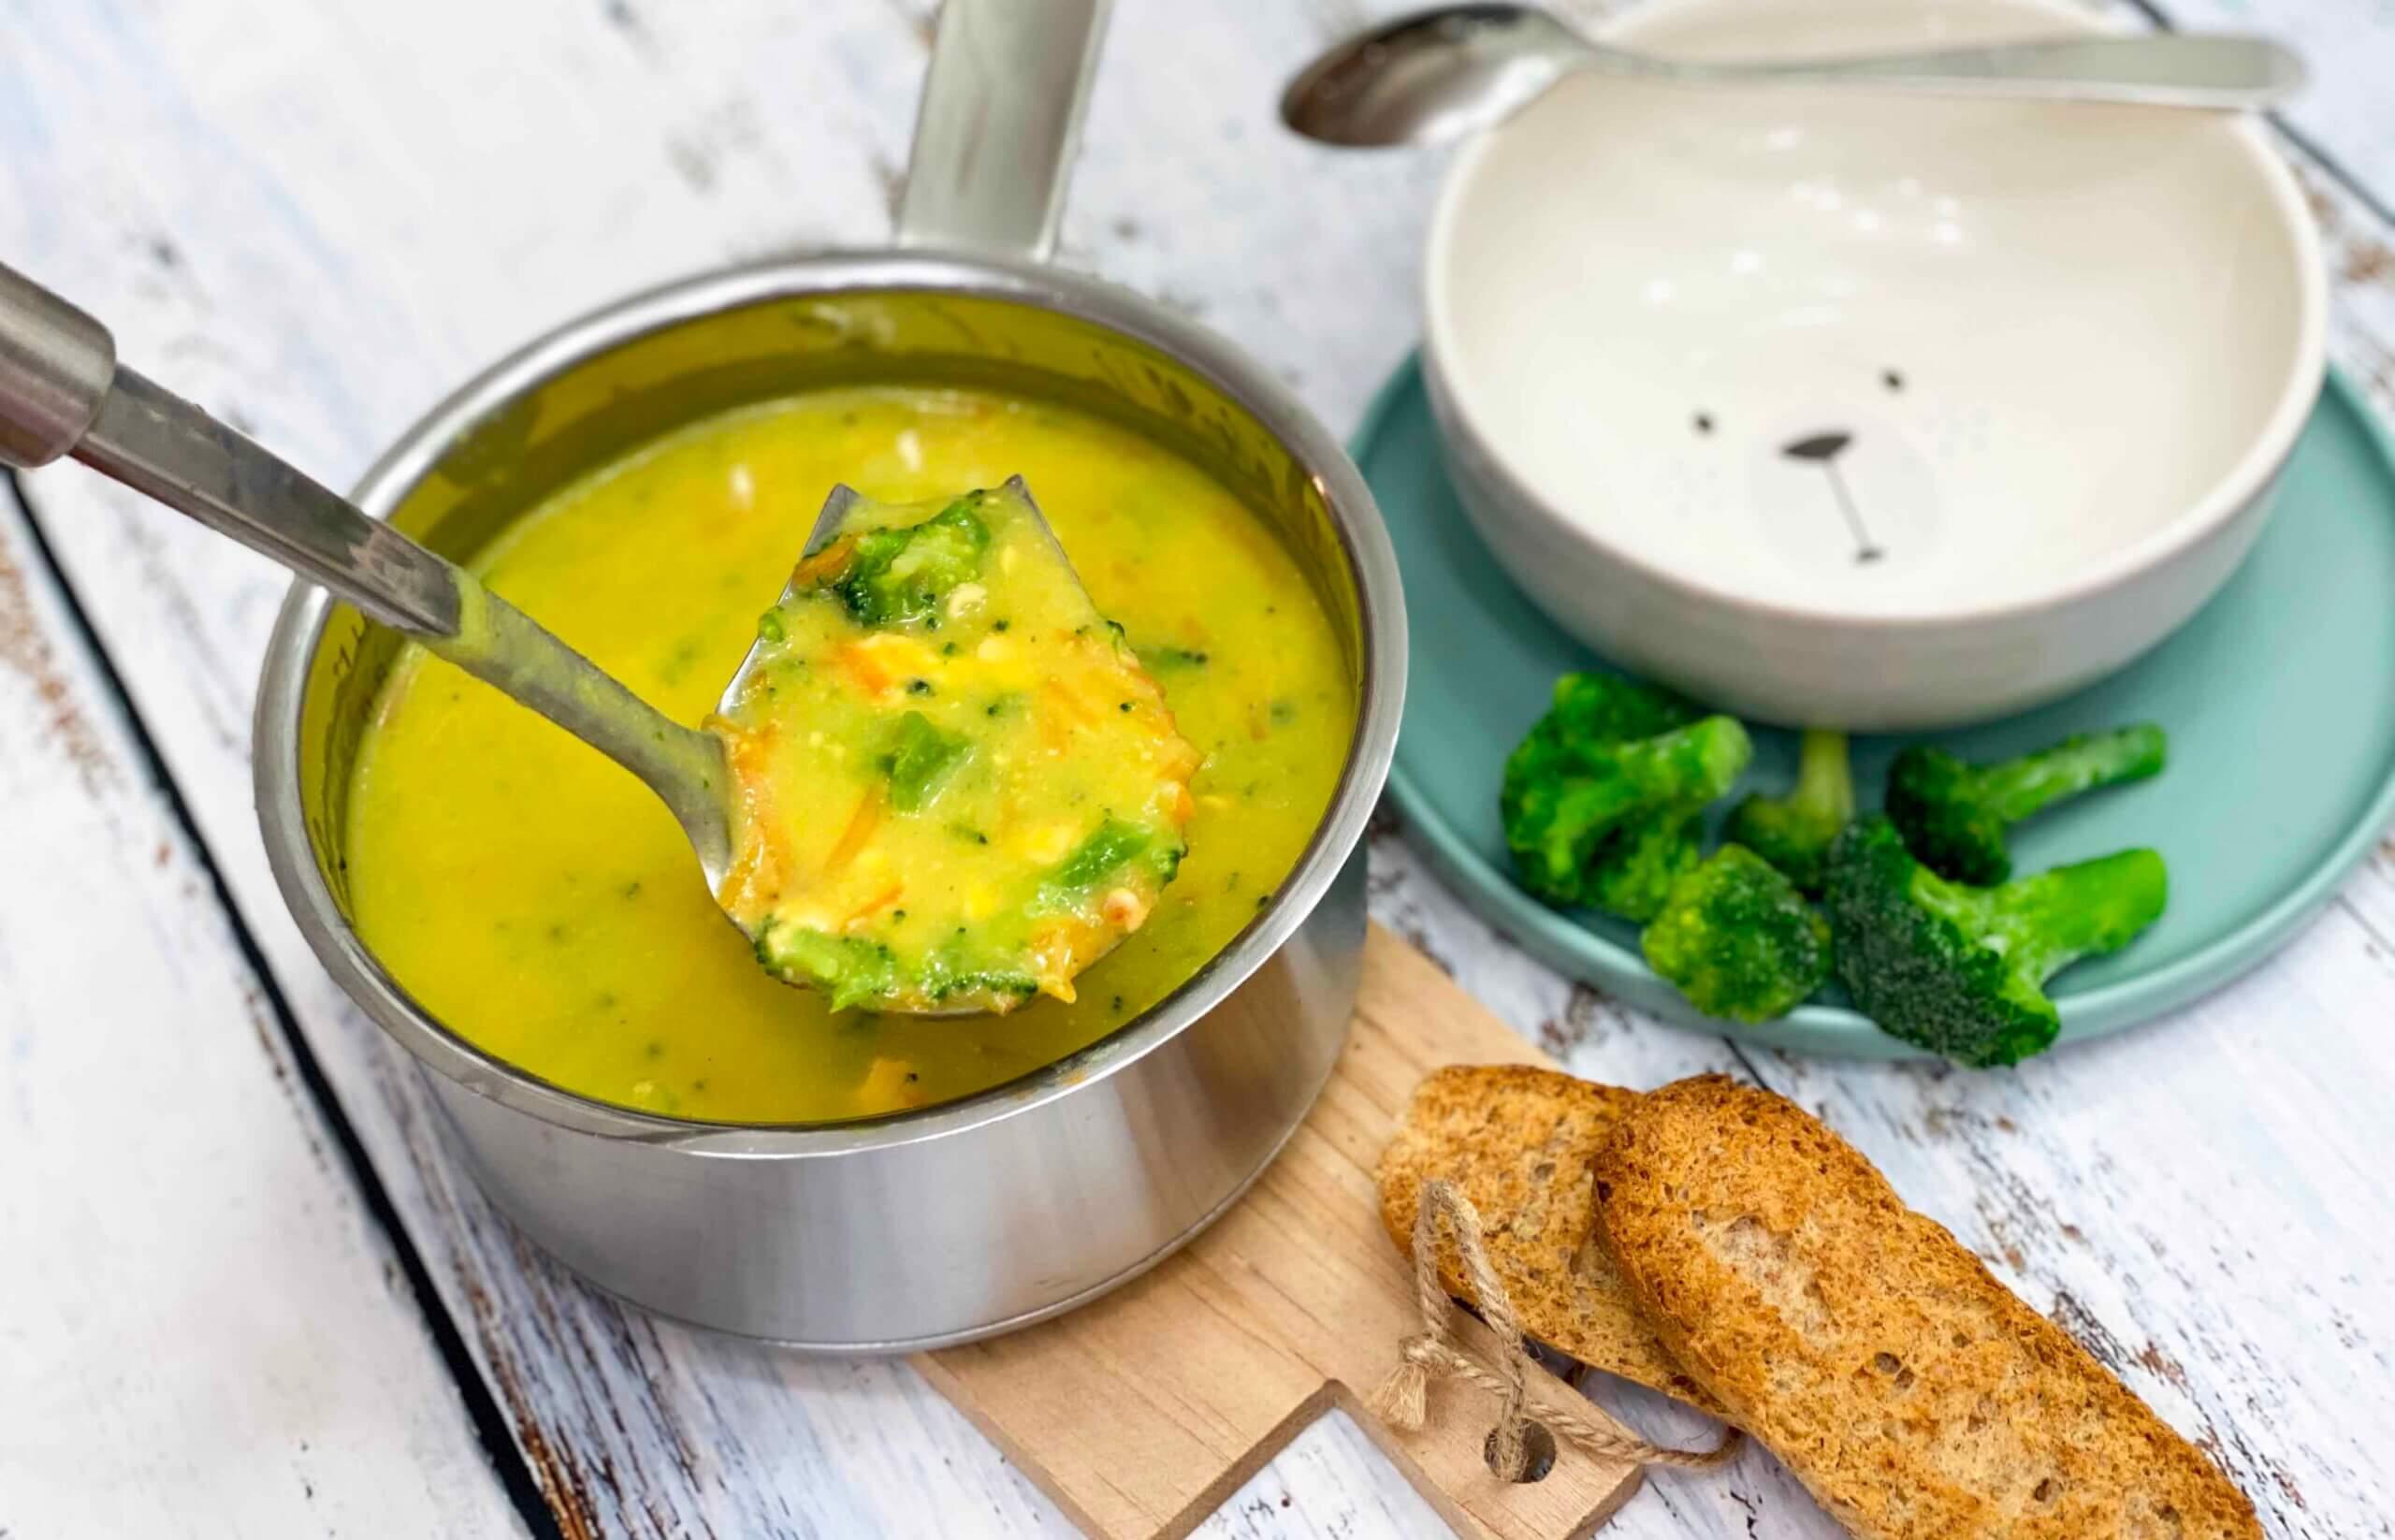 corba od sargarepe, klub zdravih navika, kzn, corba od sargarepe klub zdravih navika, corba od sargarepe kzn, brokoli, rucak, kremasta supa sa brokolijem, iceberg salat centar